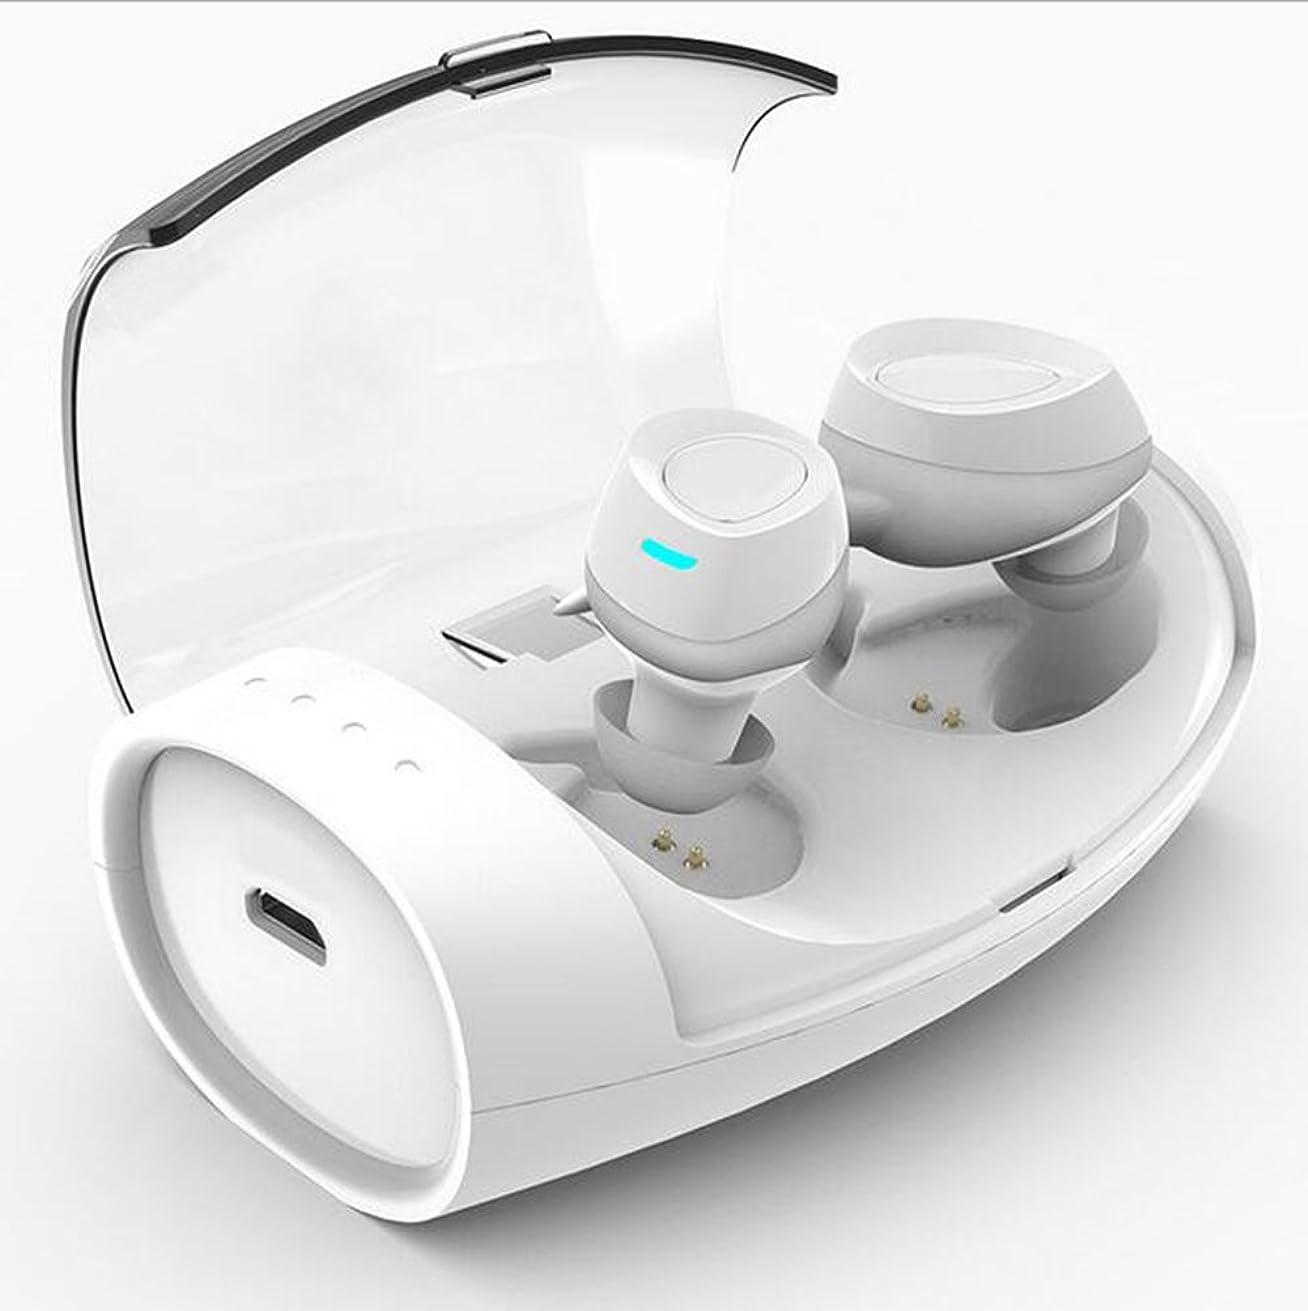 ファンブル先のことを考える野な耳のイヤホンでのワイヤレスbluetoothノイズリダクションヘッドホン充電可能(充電スタンド* 1、イヤーフック* 3ペア、イヤーマフ* 3ペア、充電ライン* 1),White